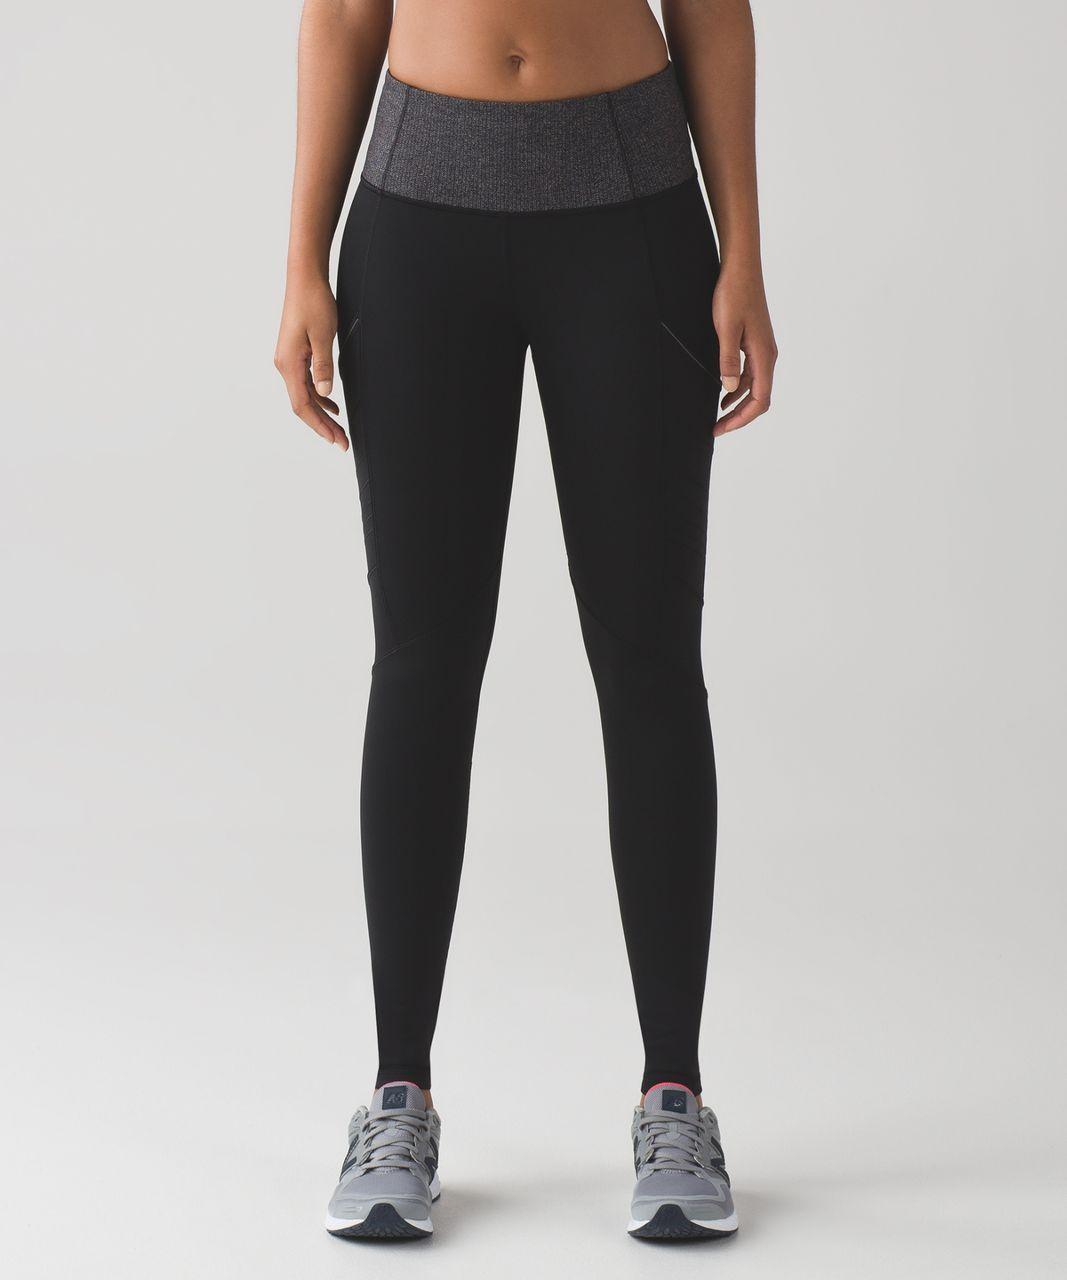 e7a9155baa228b Nike Women's Legend Poly Drift Long Running Tights NEW 724945 010 Sz M $75  | eBay